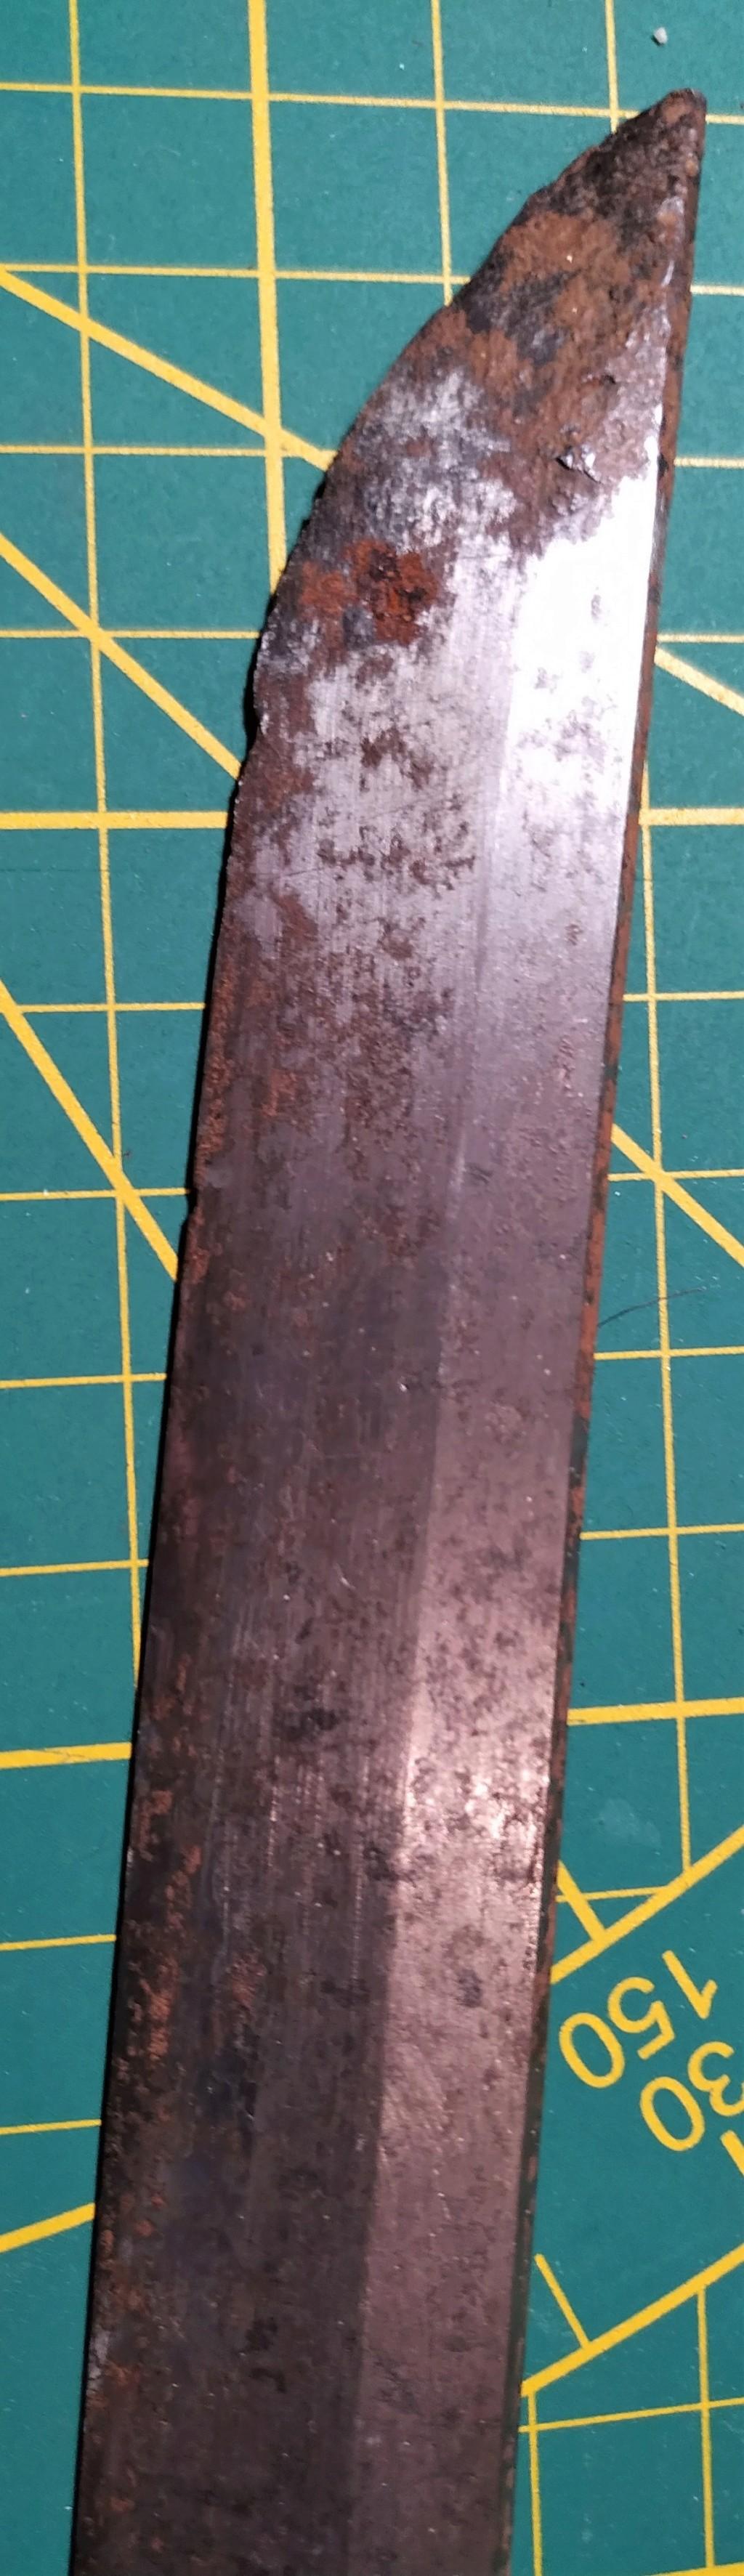 identification katana 710